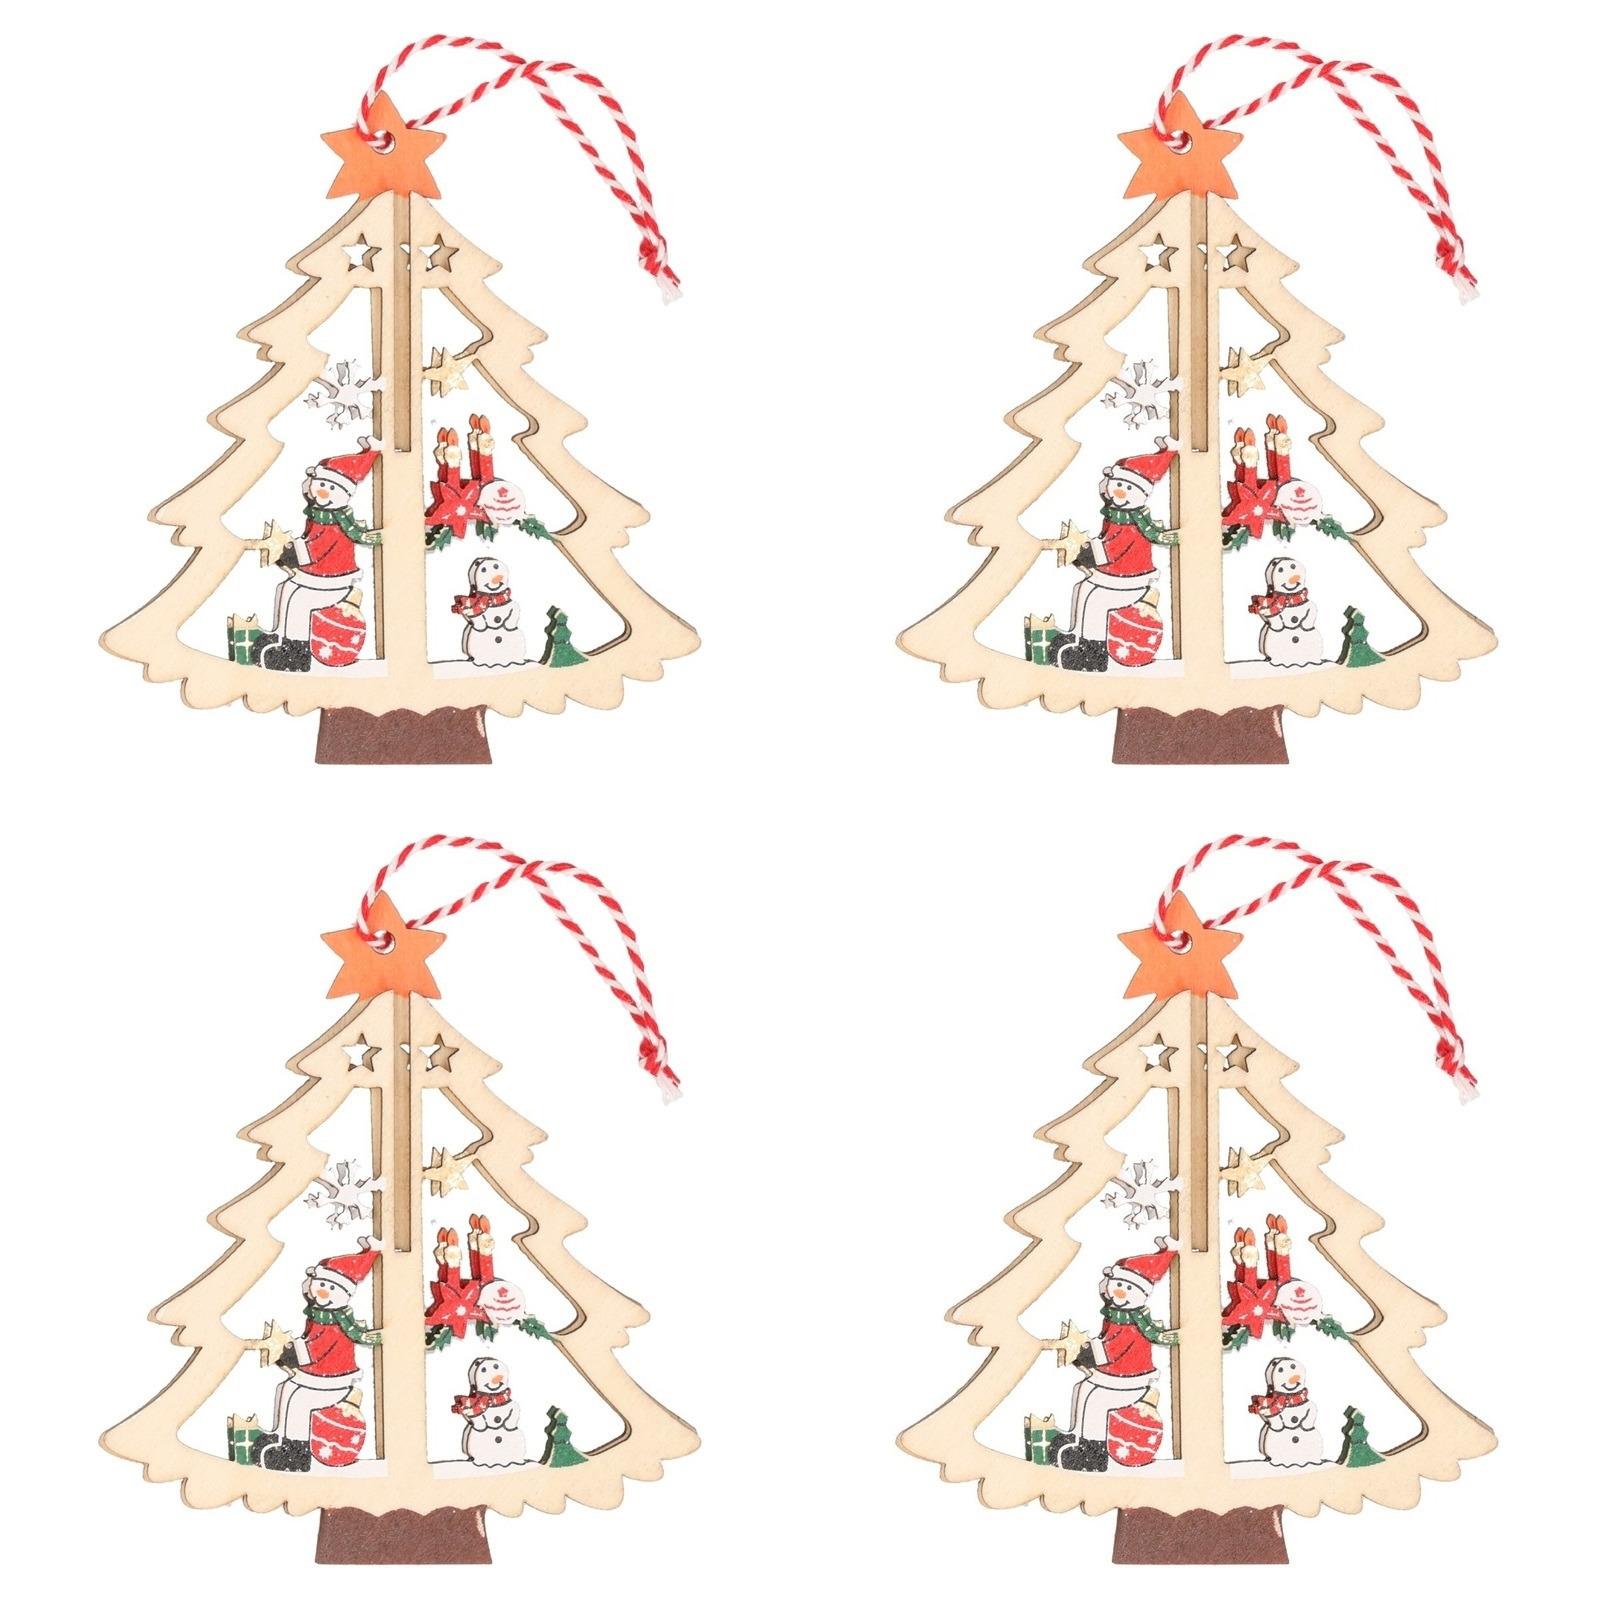 4x Kerst hangdecoratie kerstbomen met sneeuwpop 10 cm van hout